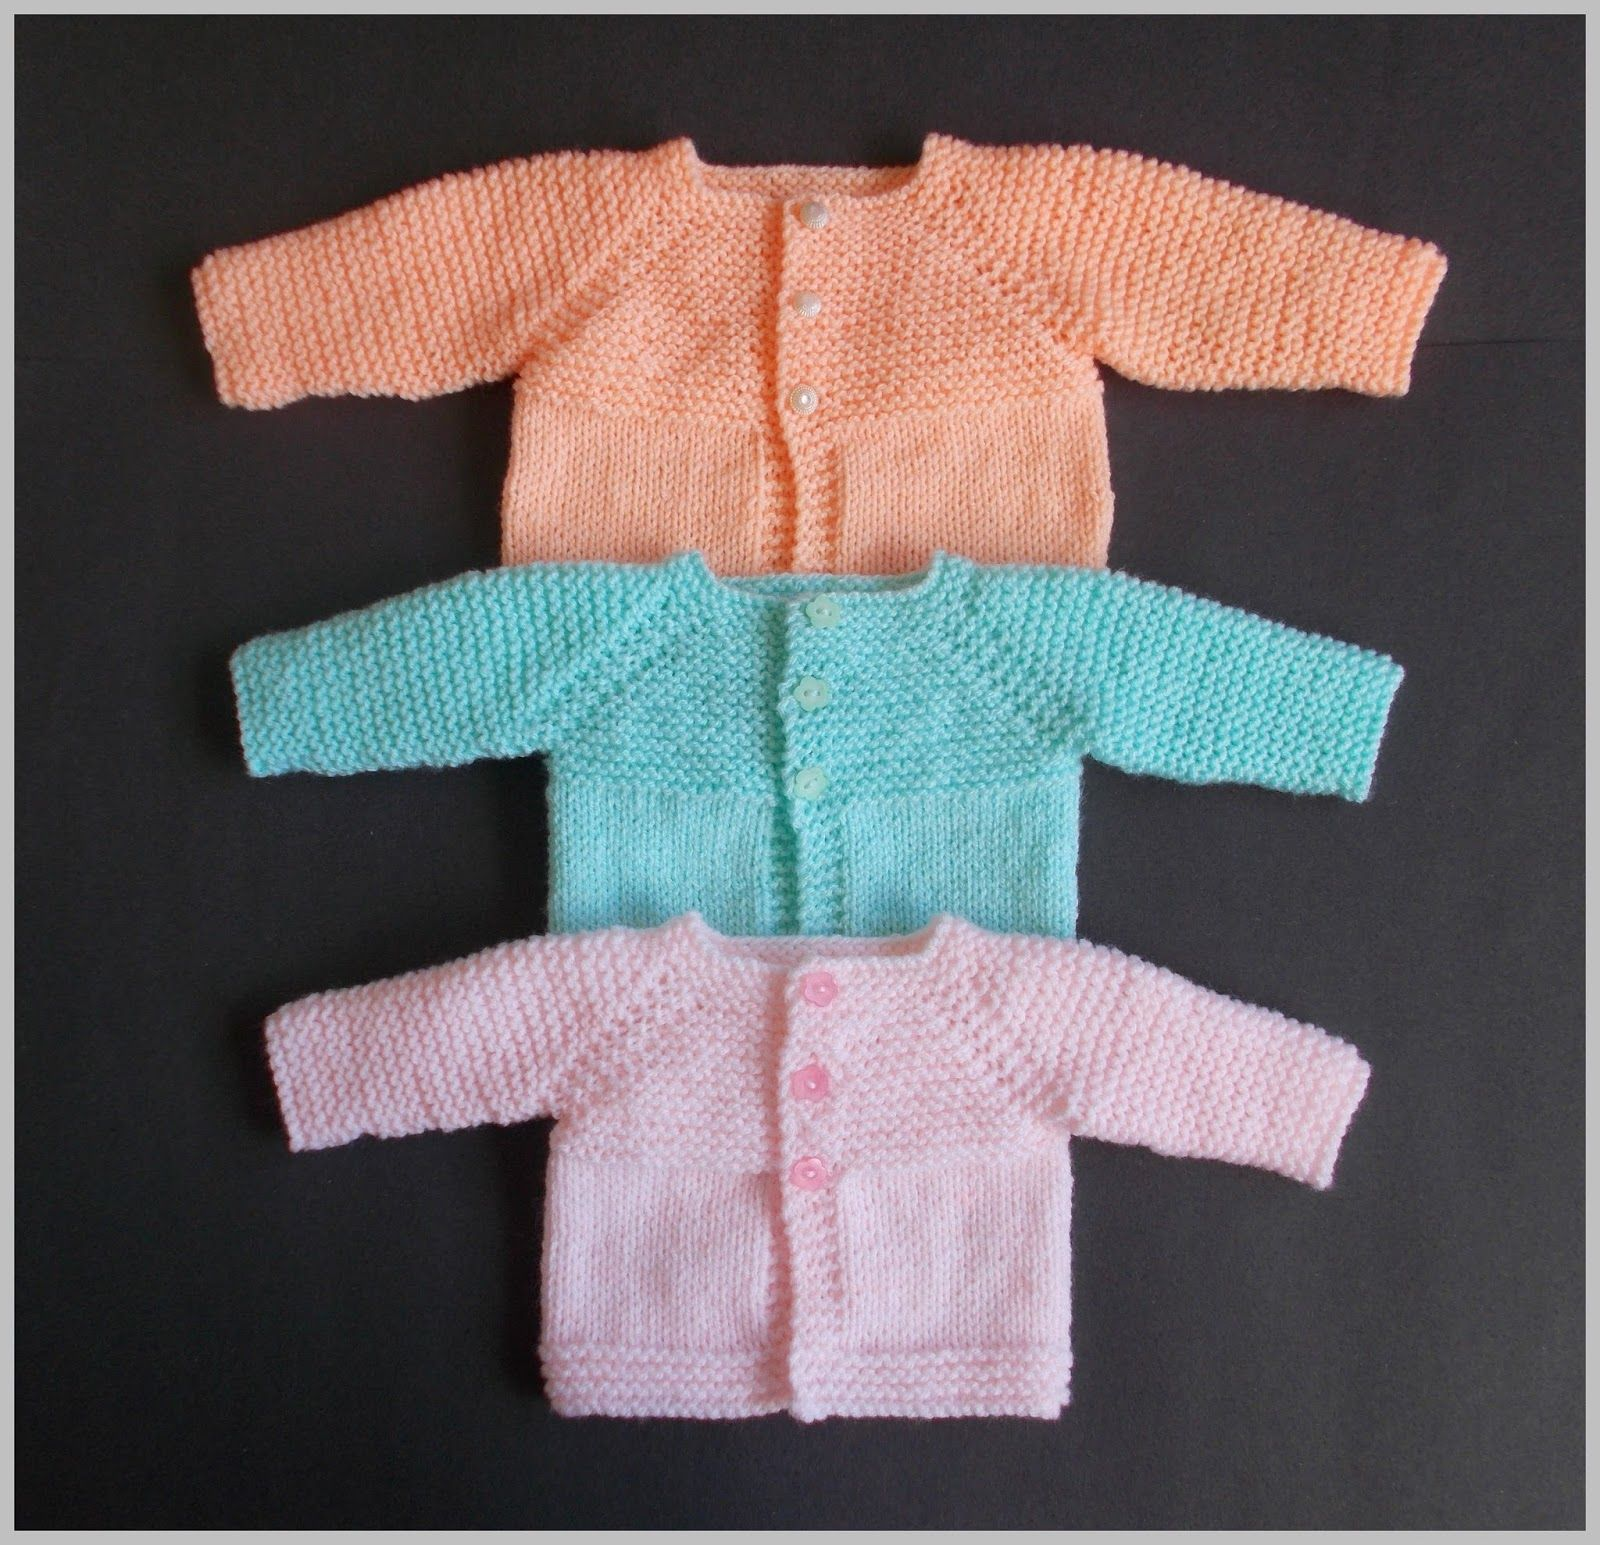 marianna\'s lazy daisy days: Little Babbity - Premature Baby Set   I ...